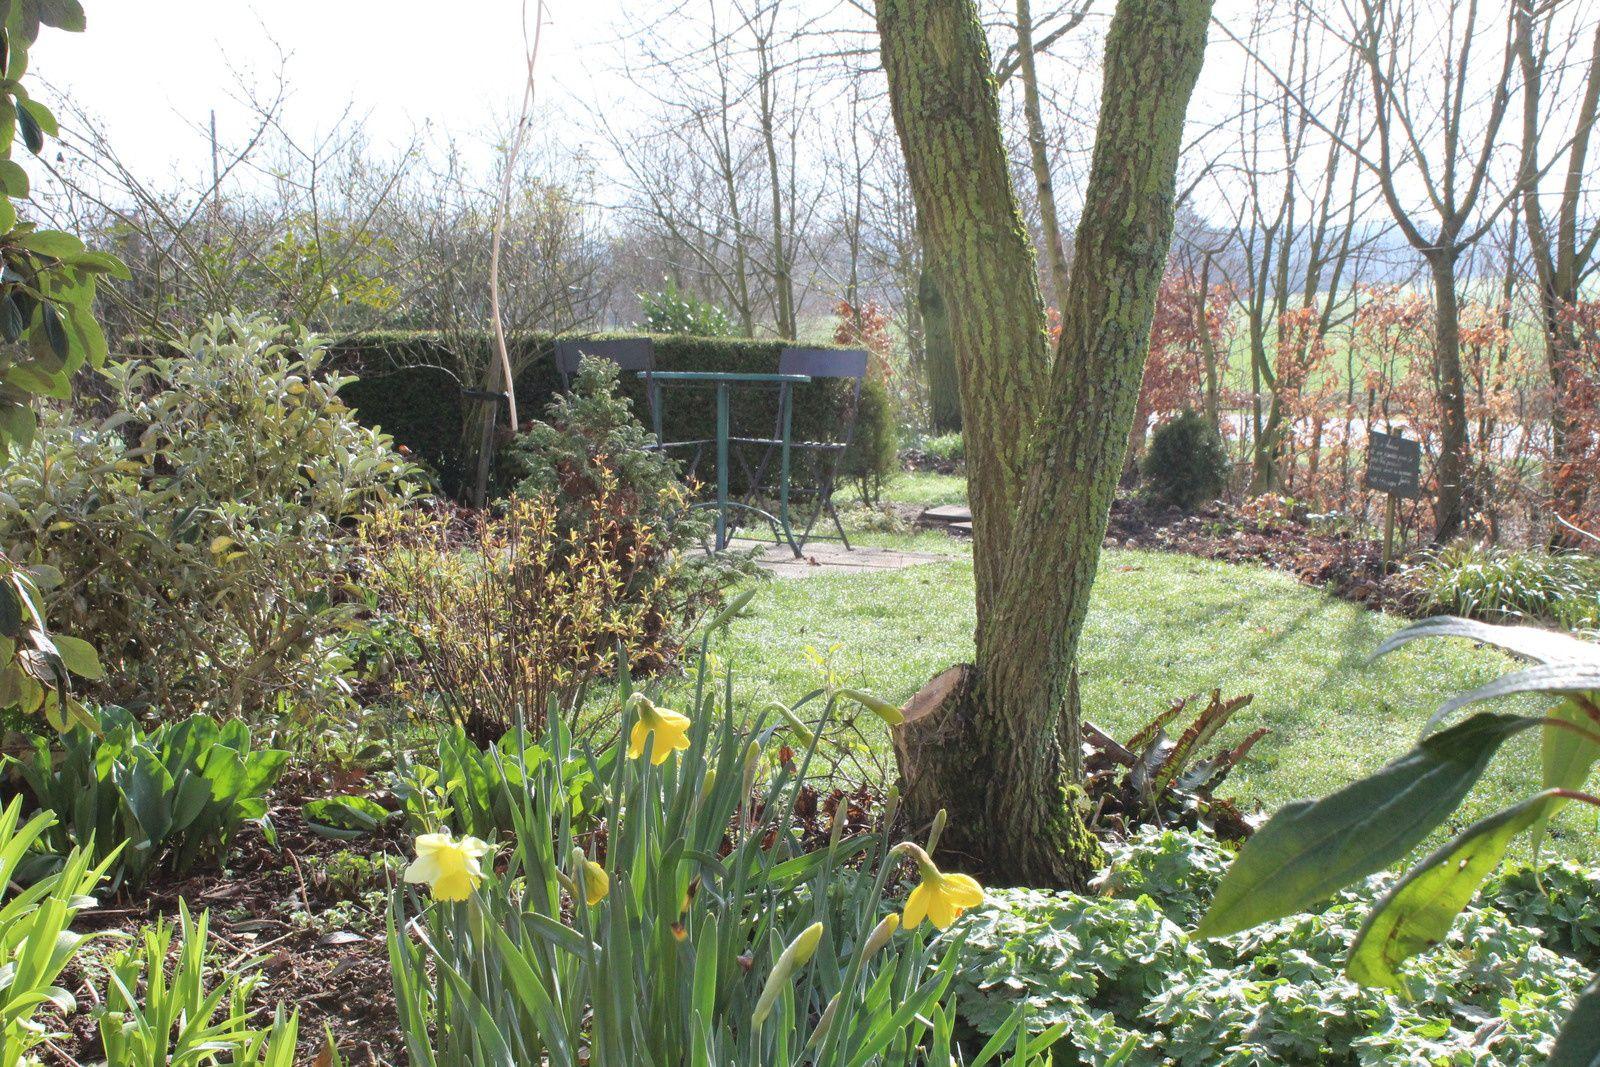 Des envies, des idées, des nouveautés dans le jardin cet hiver on s'est fait grand plaisir . Ouverture de la chambre aux violettes pour un passage plaisir du chemin du portillon vers la source.